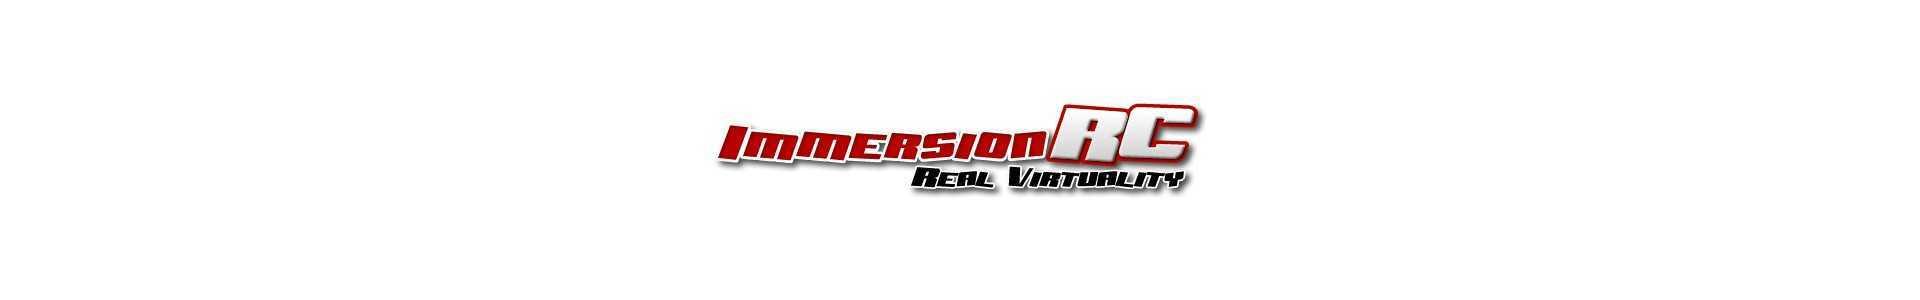 Accessori e Ricambi ImmersionRC